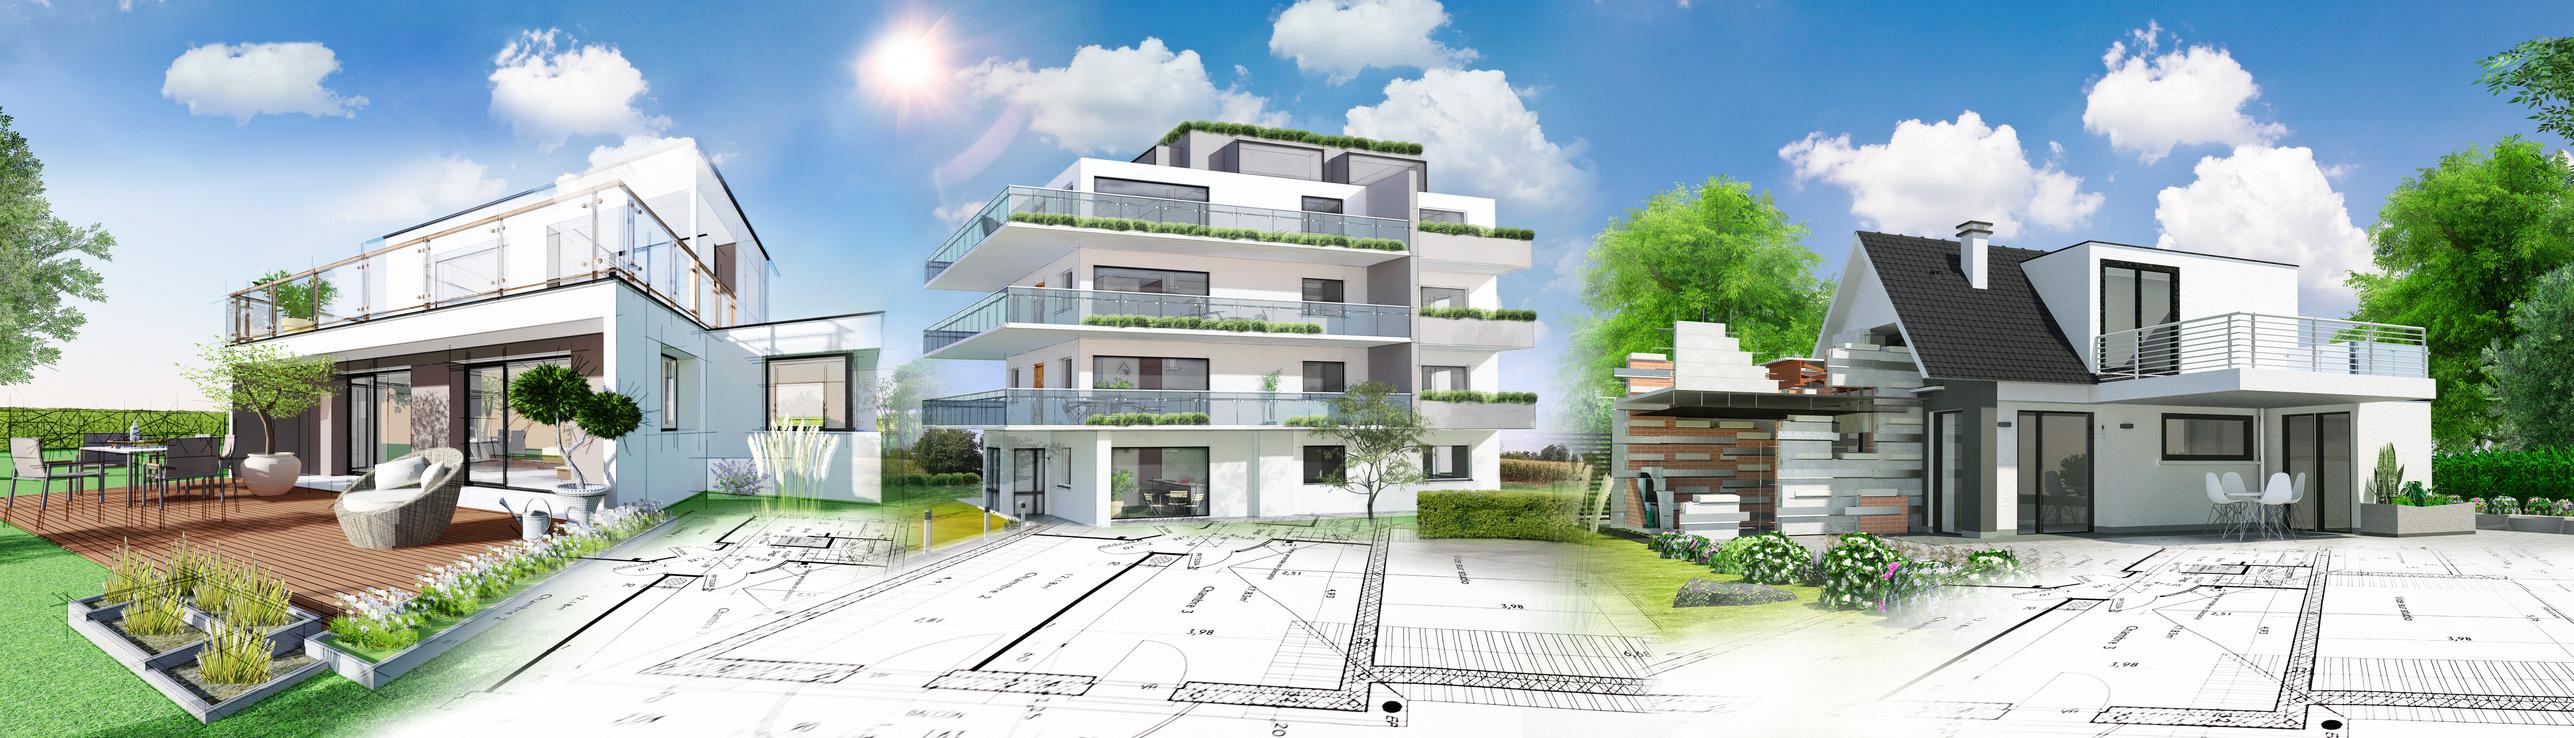 projektowanie mieszkań gdańsk